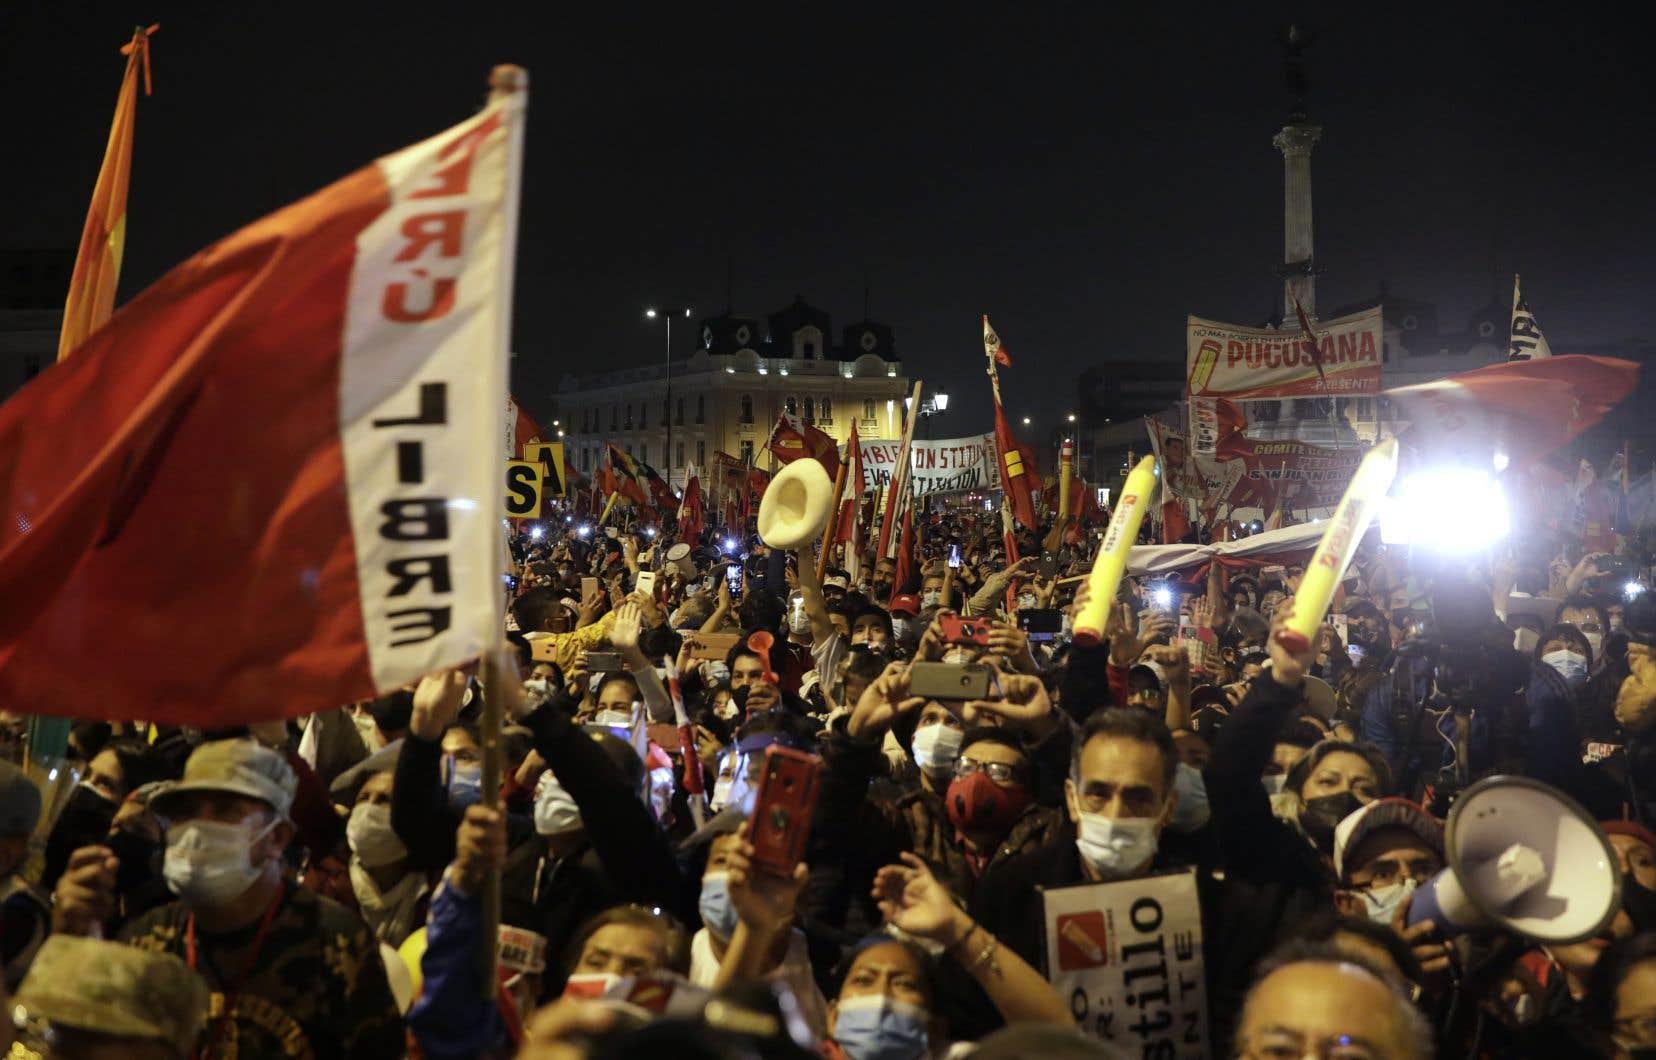 Les électeurs auront à choisir dimanche entre entre deux  candidats que tout oppose:  la populiste  de droite  Keiko Fujimori  et le candidat  de la gauche  radicale,  dont on voit  des supporteurs sur la photo.